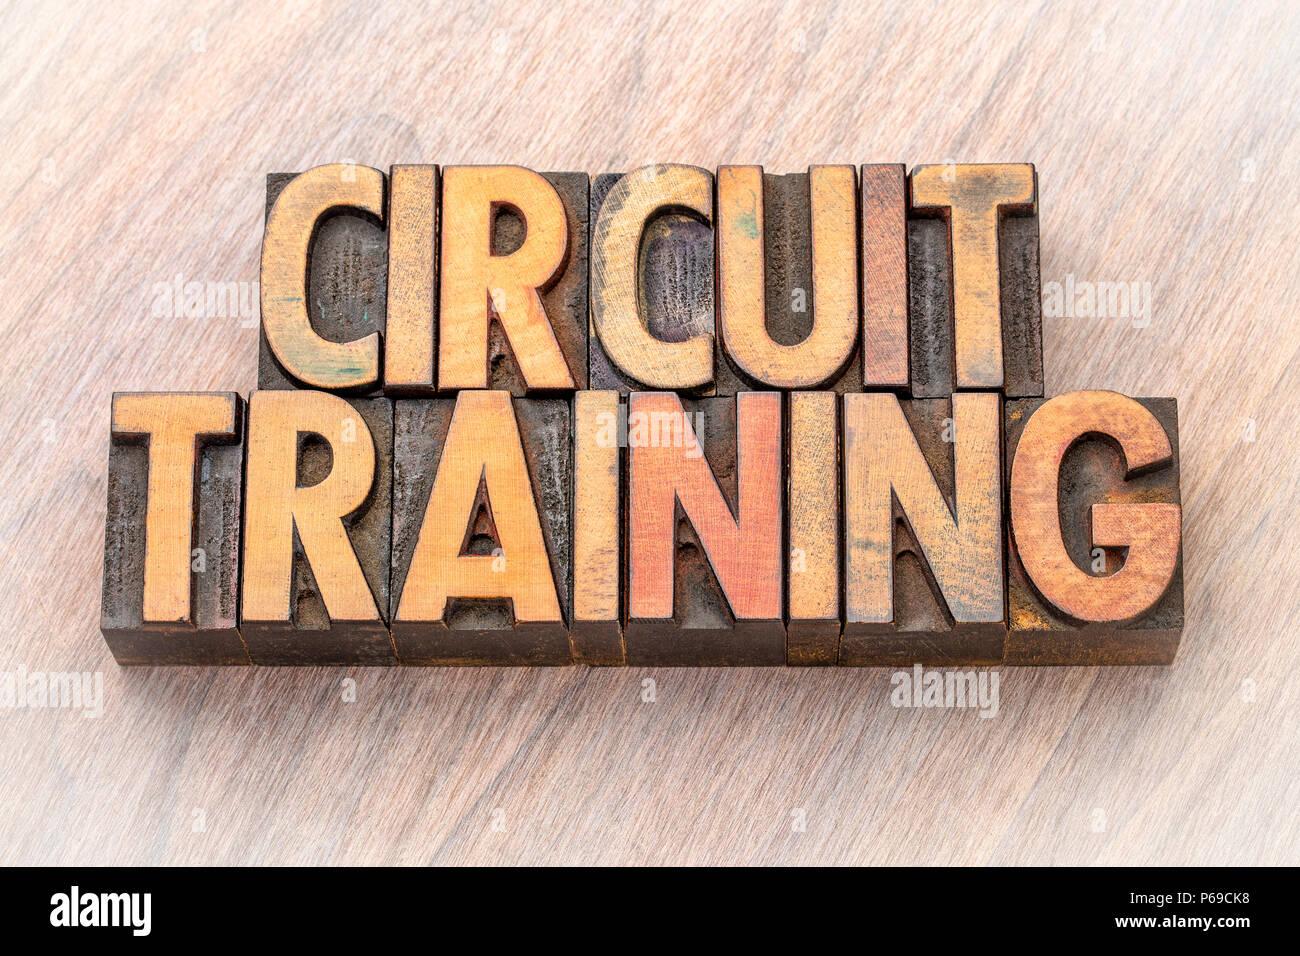 Circuit training - Résumé en Word typographie vintage type de bois Photo Stock